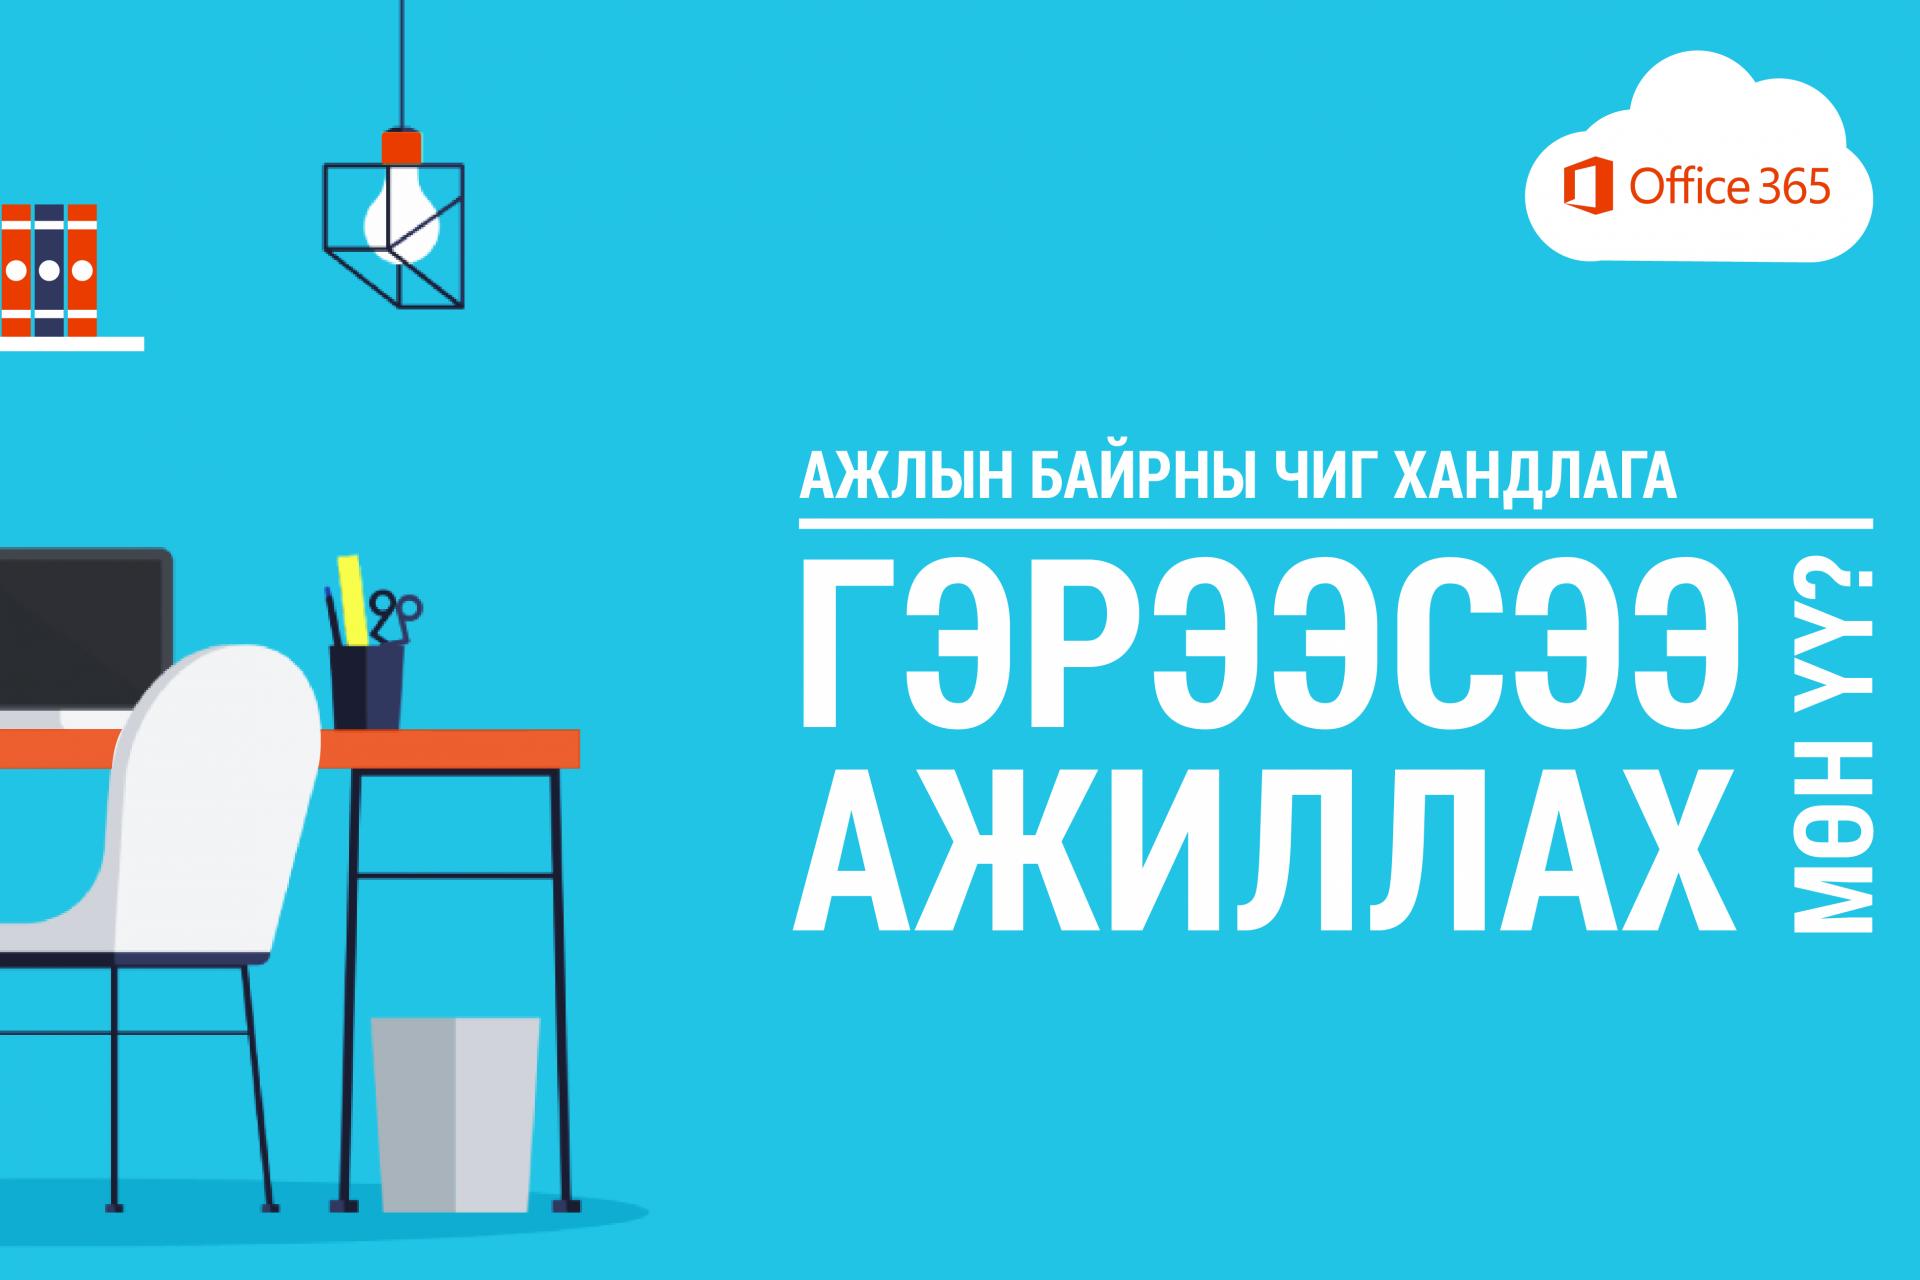 Ажлын байрны ирээдүйн чиг хандлага гэрээсээ ажиллах мөн үү?